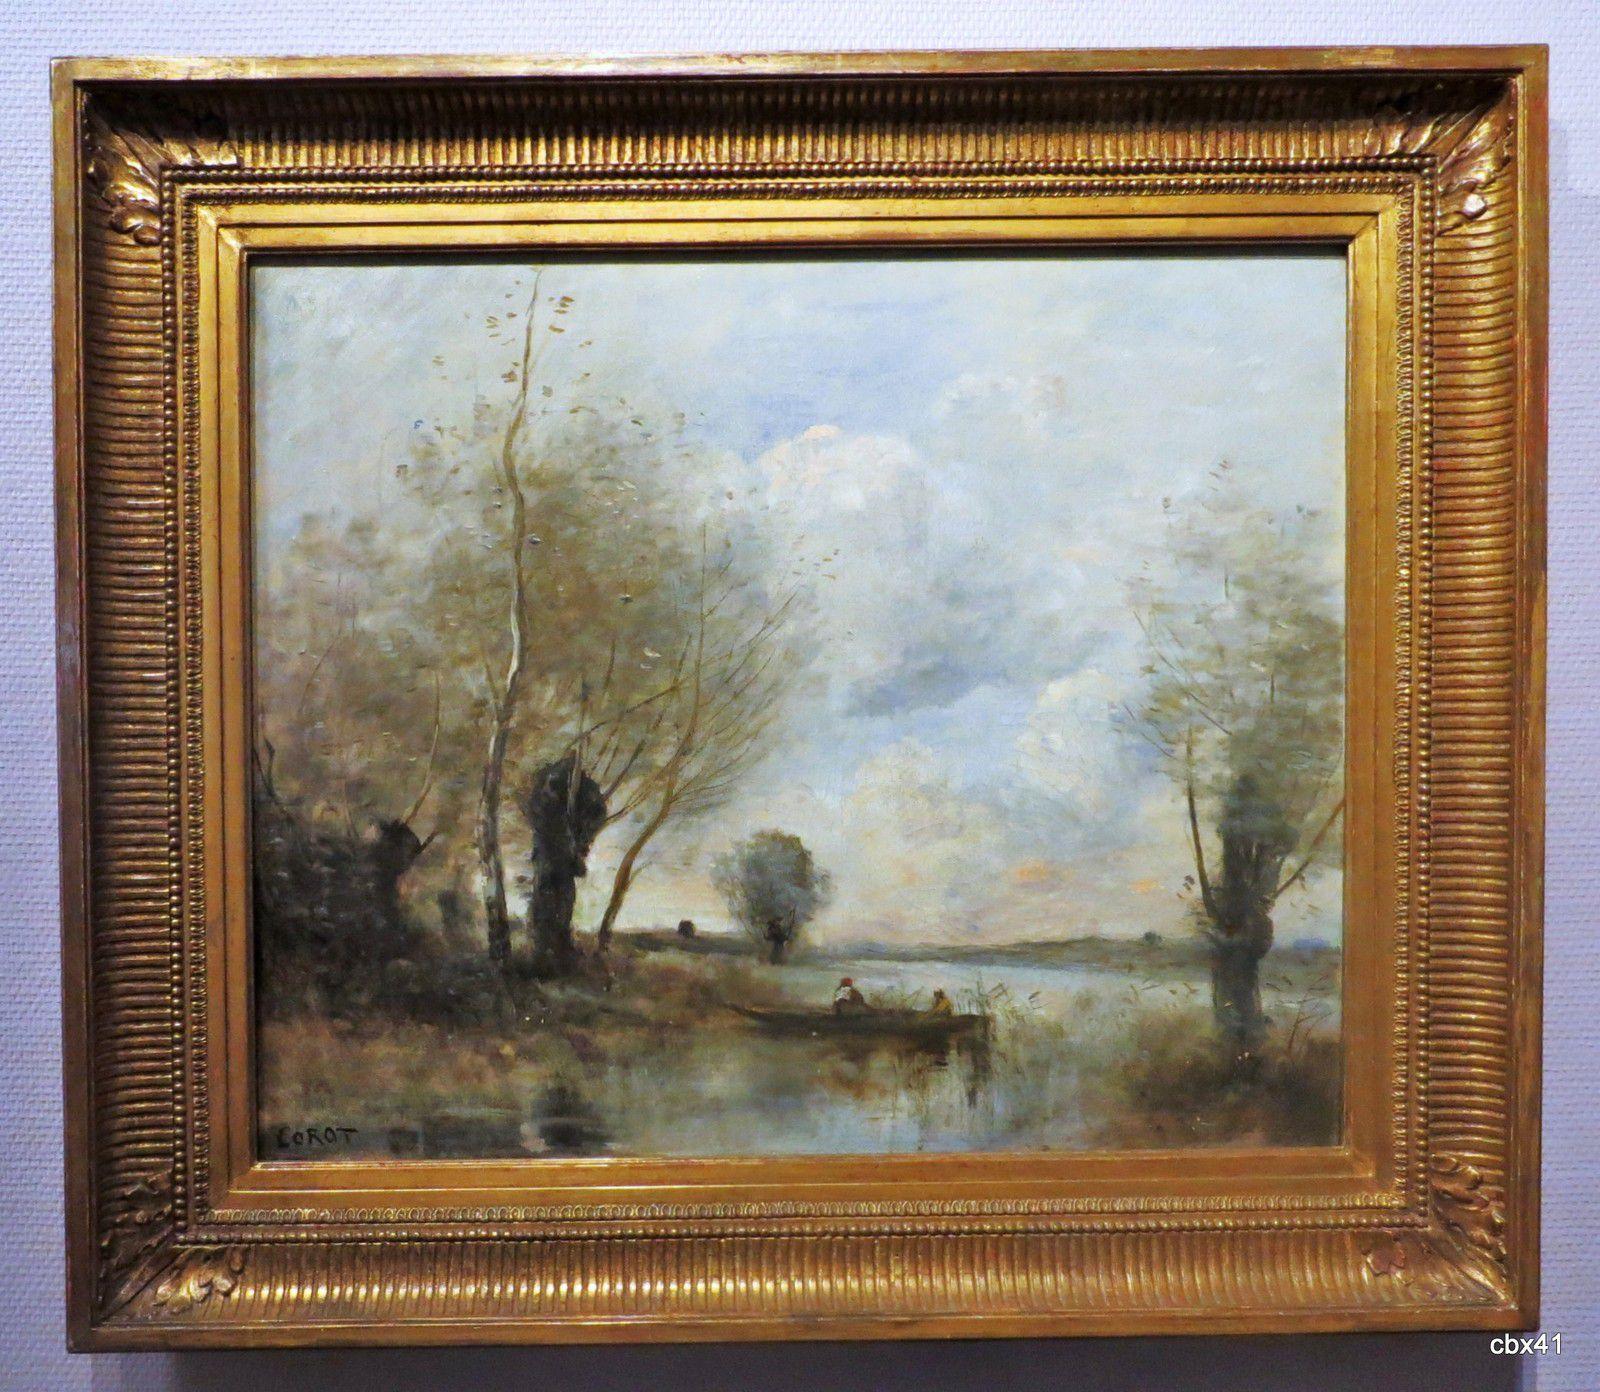 Jean-Baptiste Corot, Le Pêcheur en barque auprès des saules